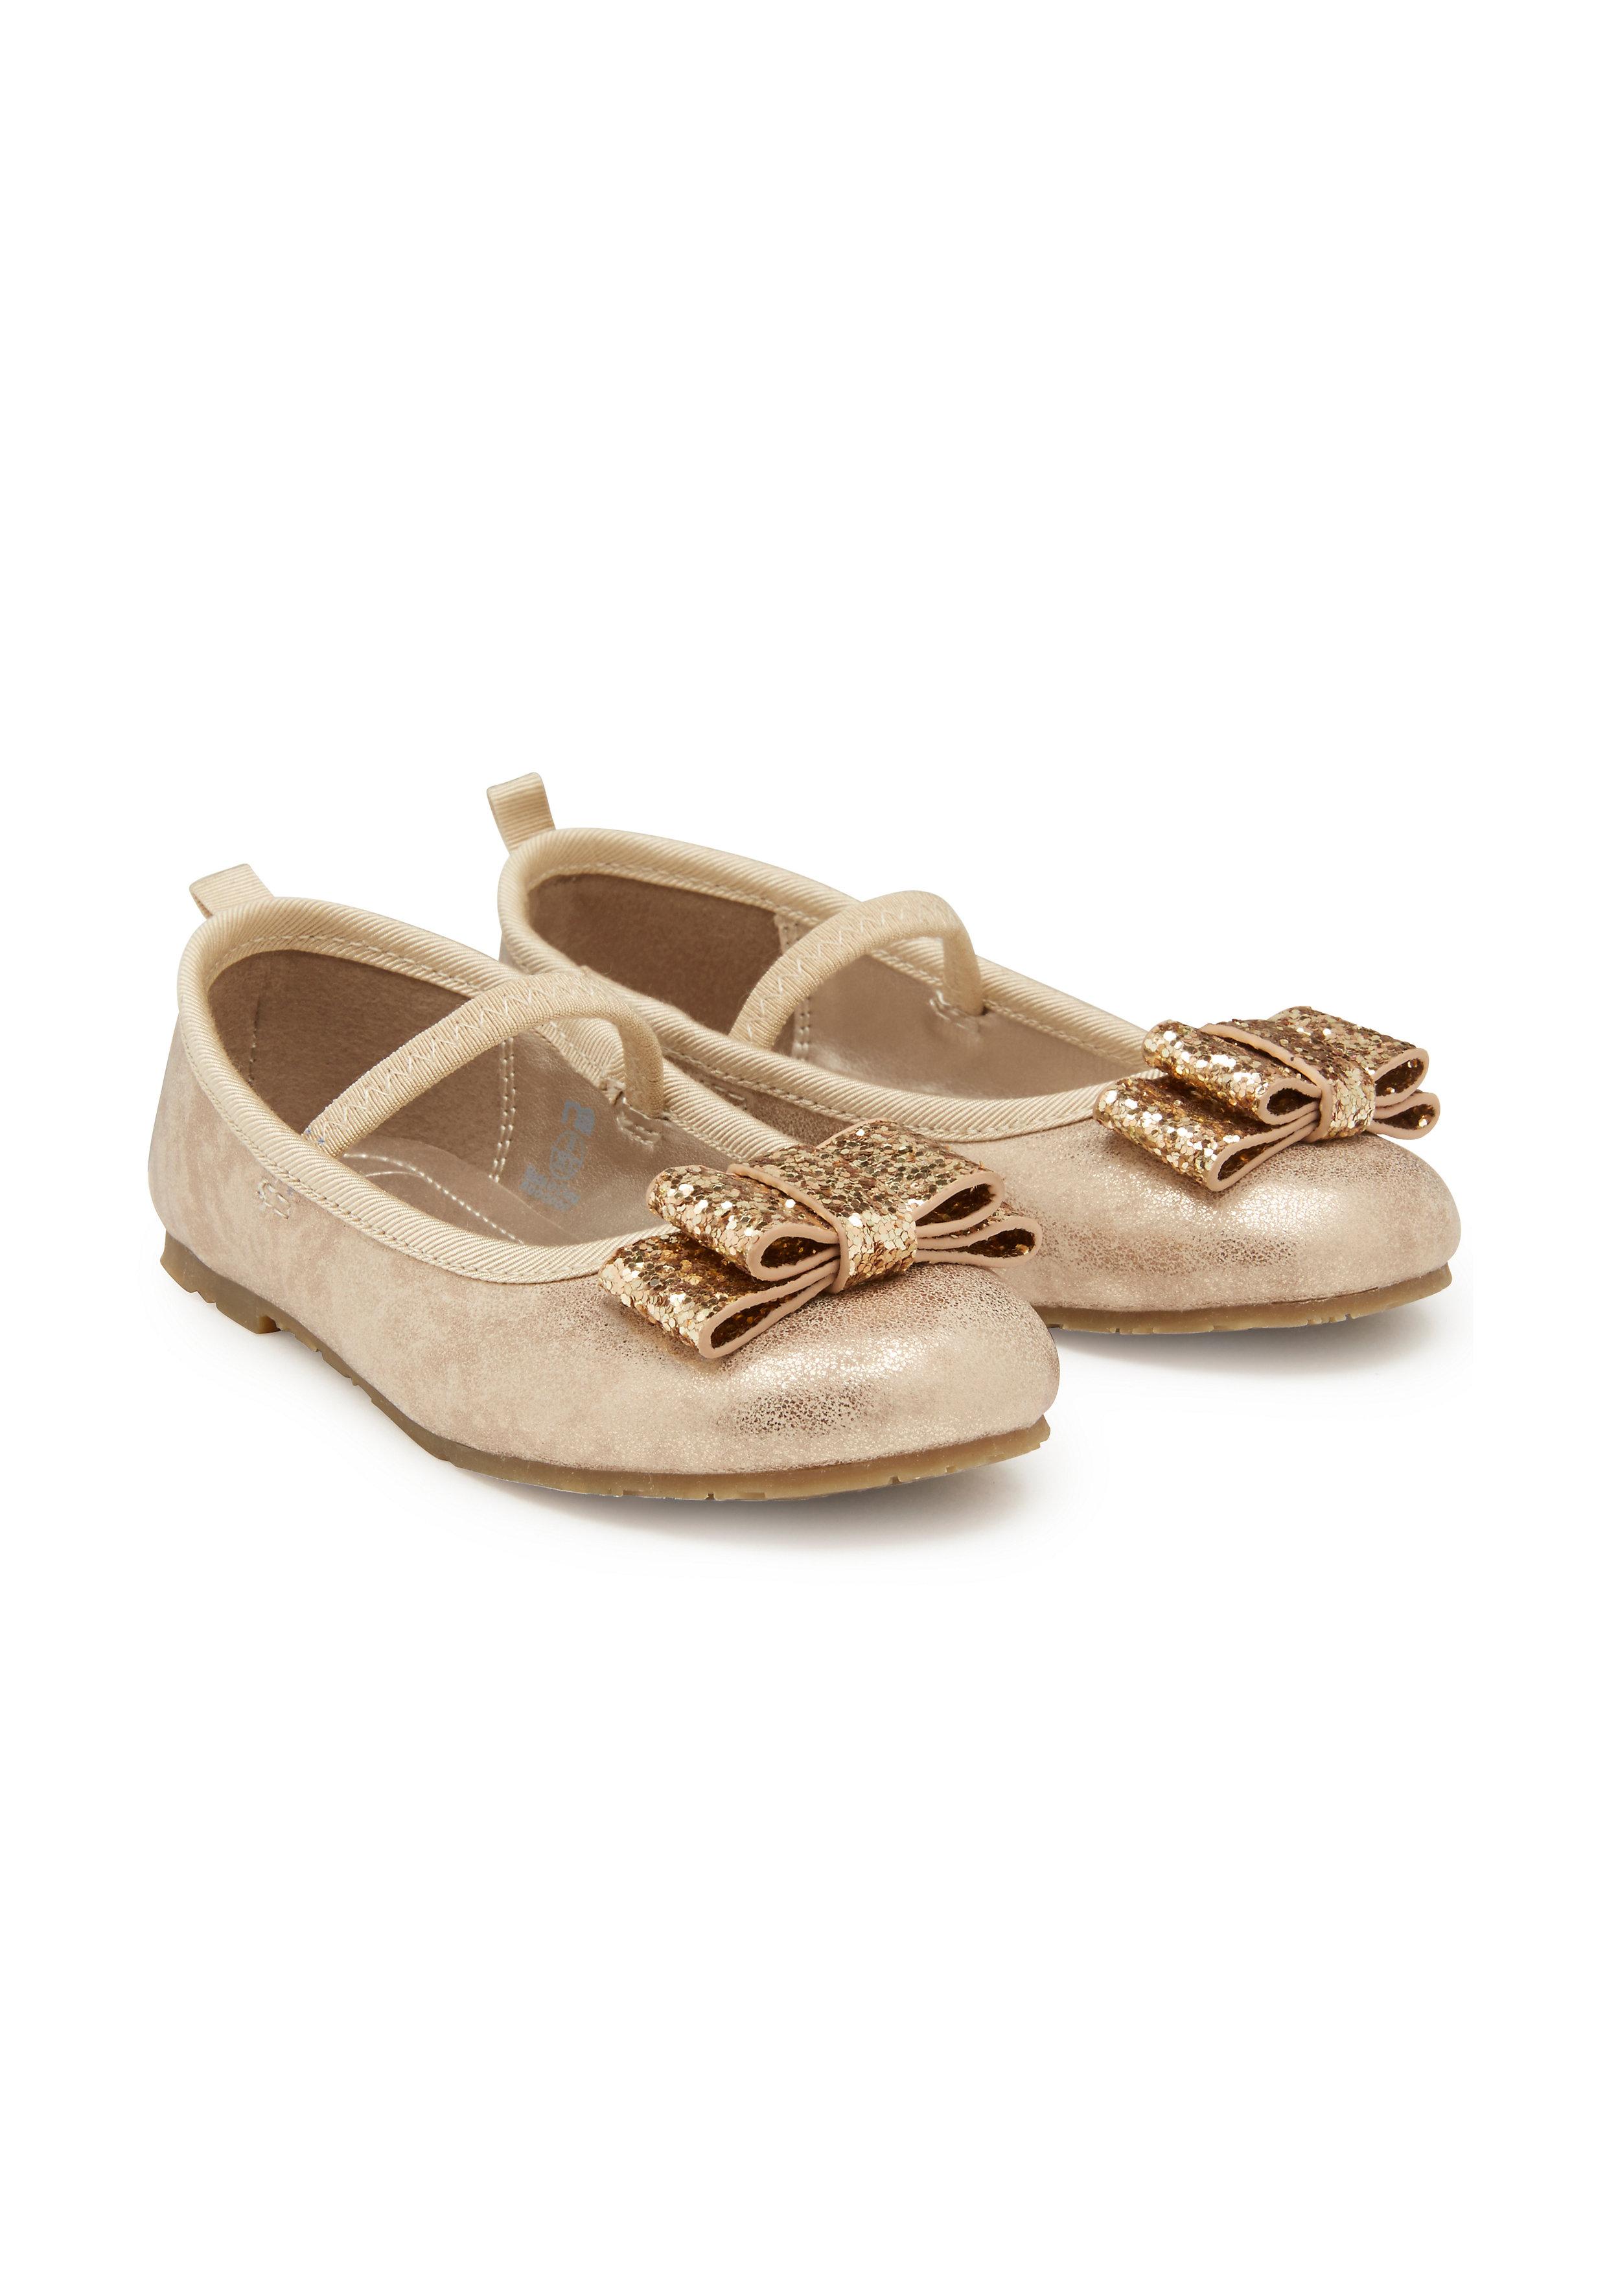 Mothercare | Girls Ballerinas Glitter Bow Detail - Gold